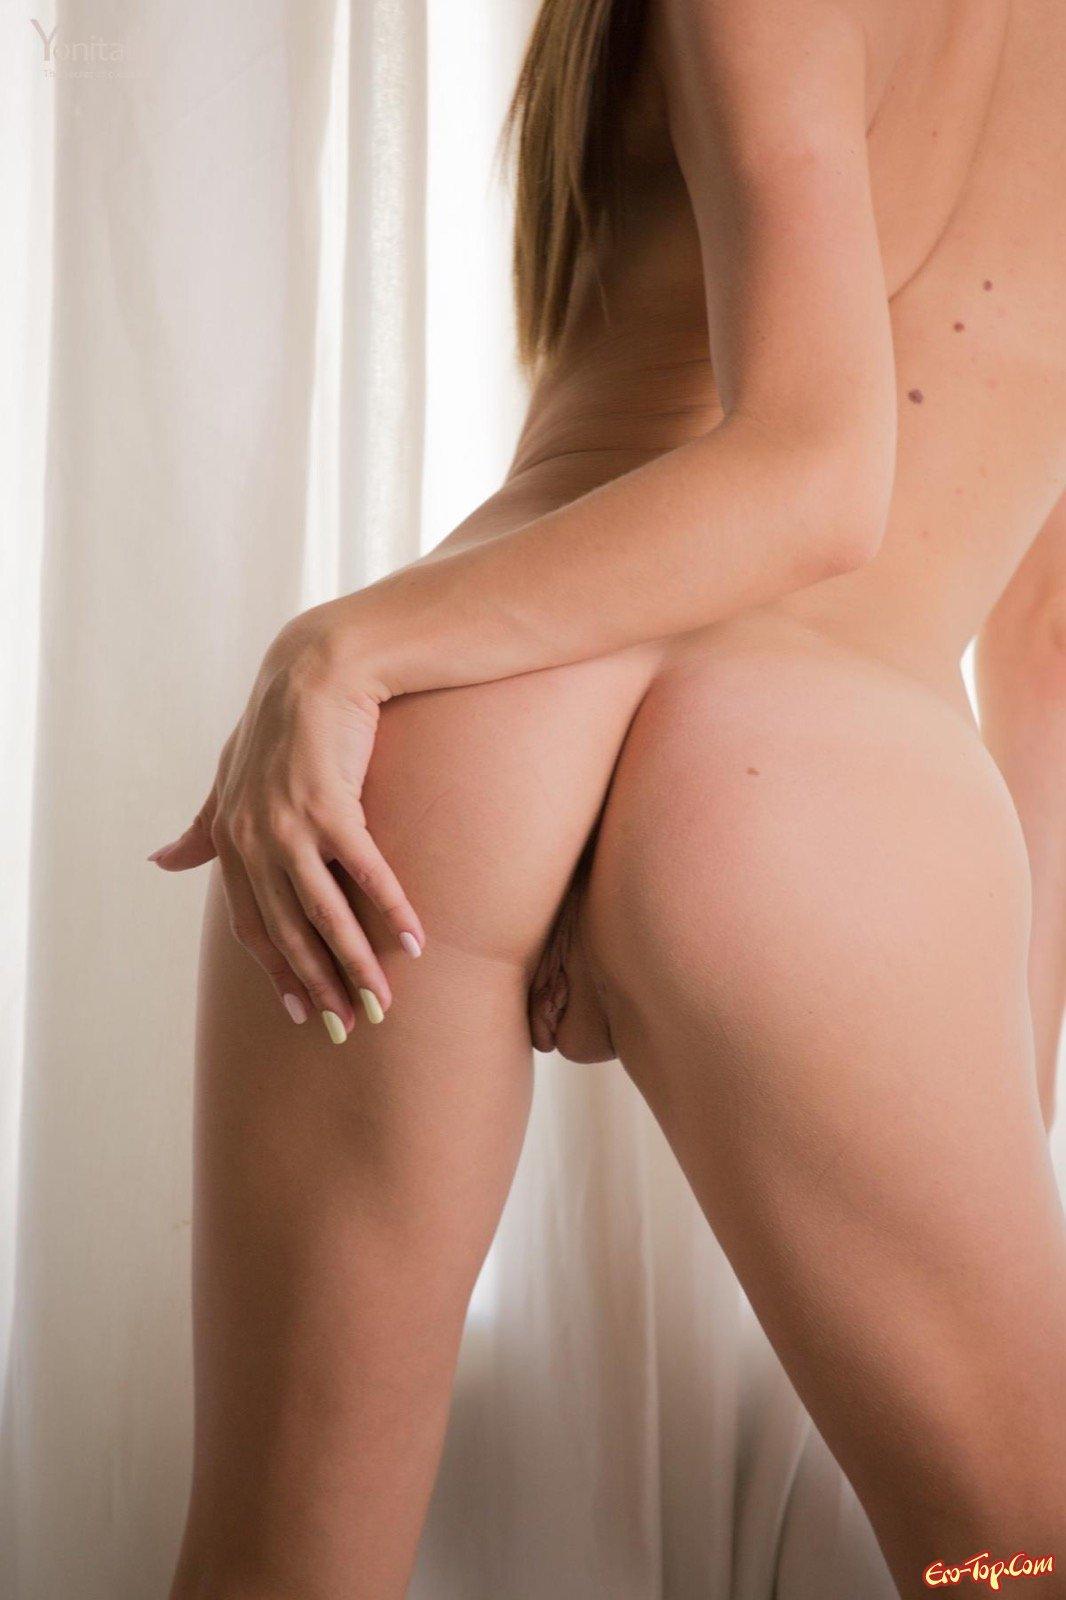 Нагая светловолосая девушка блистает сексапильным туловищем на стульчике